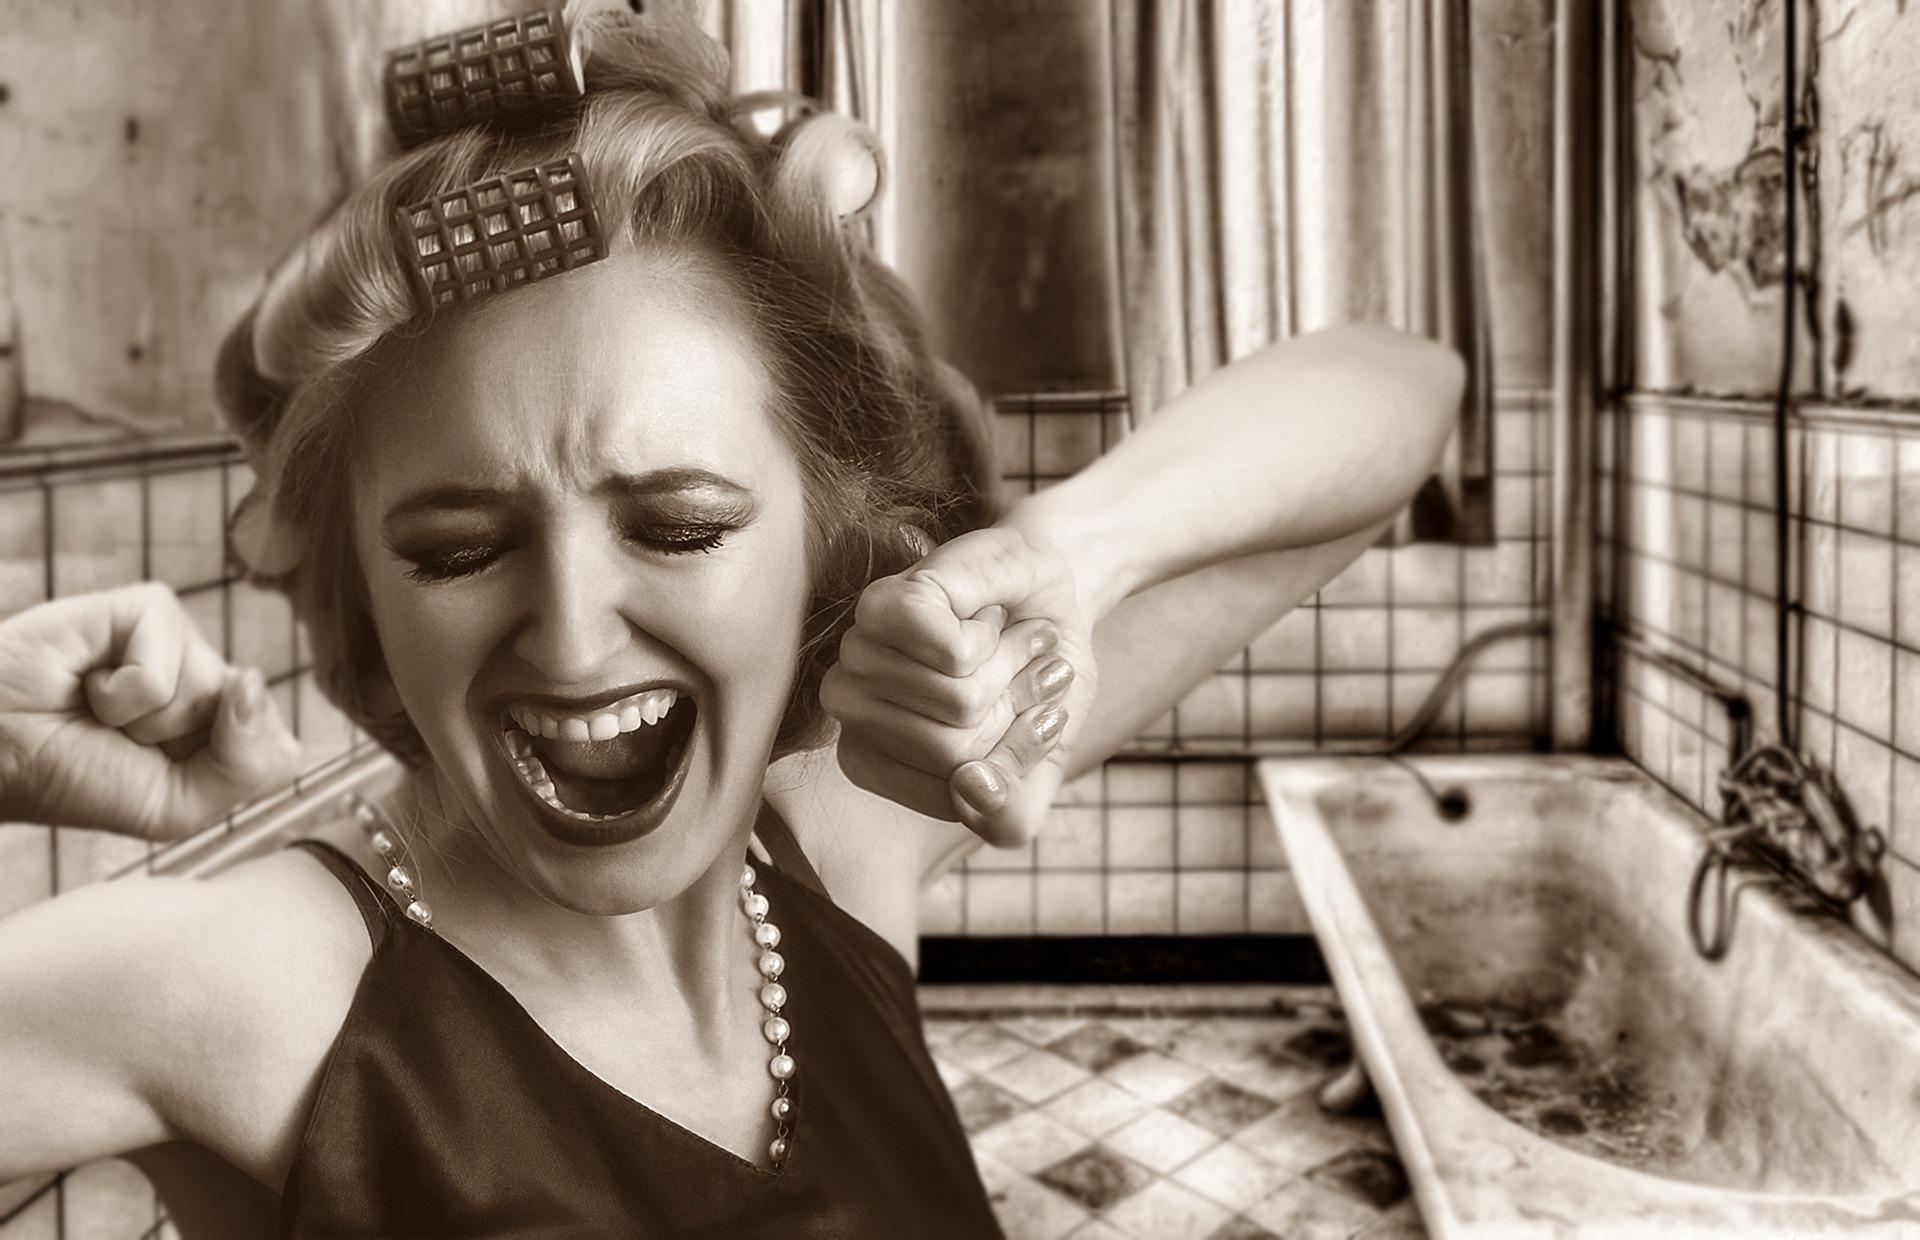 怕感染中共肺炎 立陶宛男子將妻子鎖在浴室